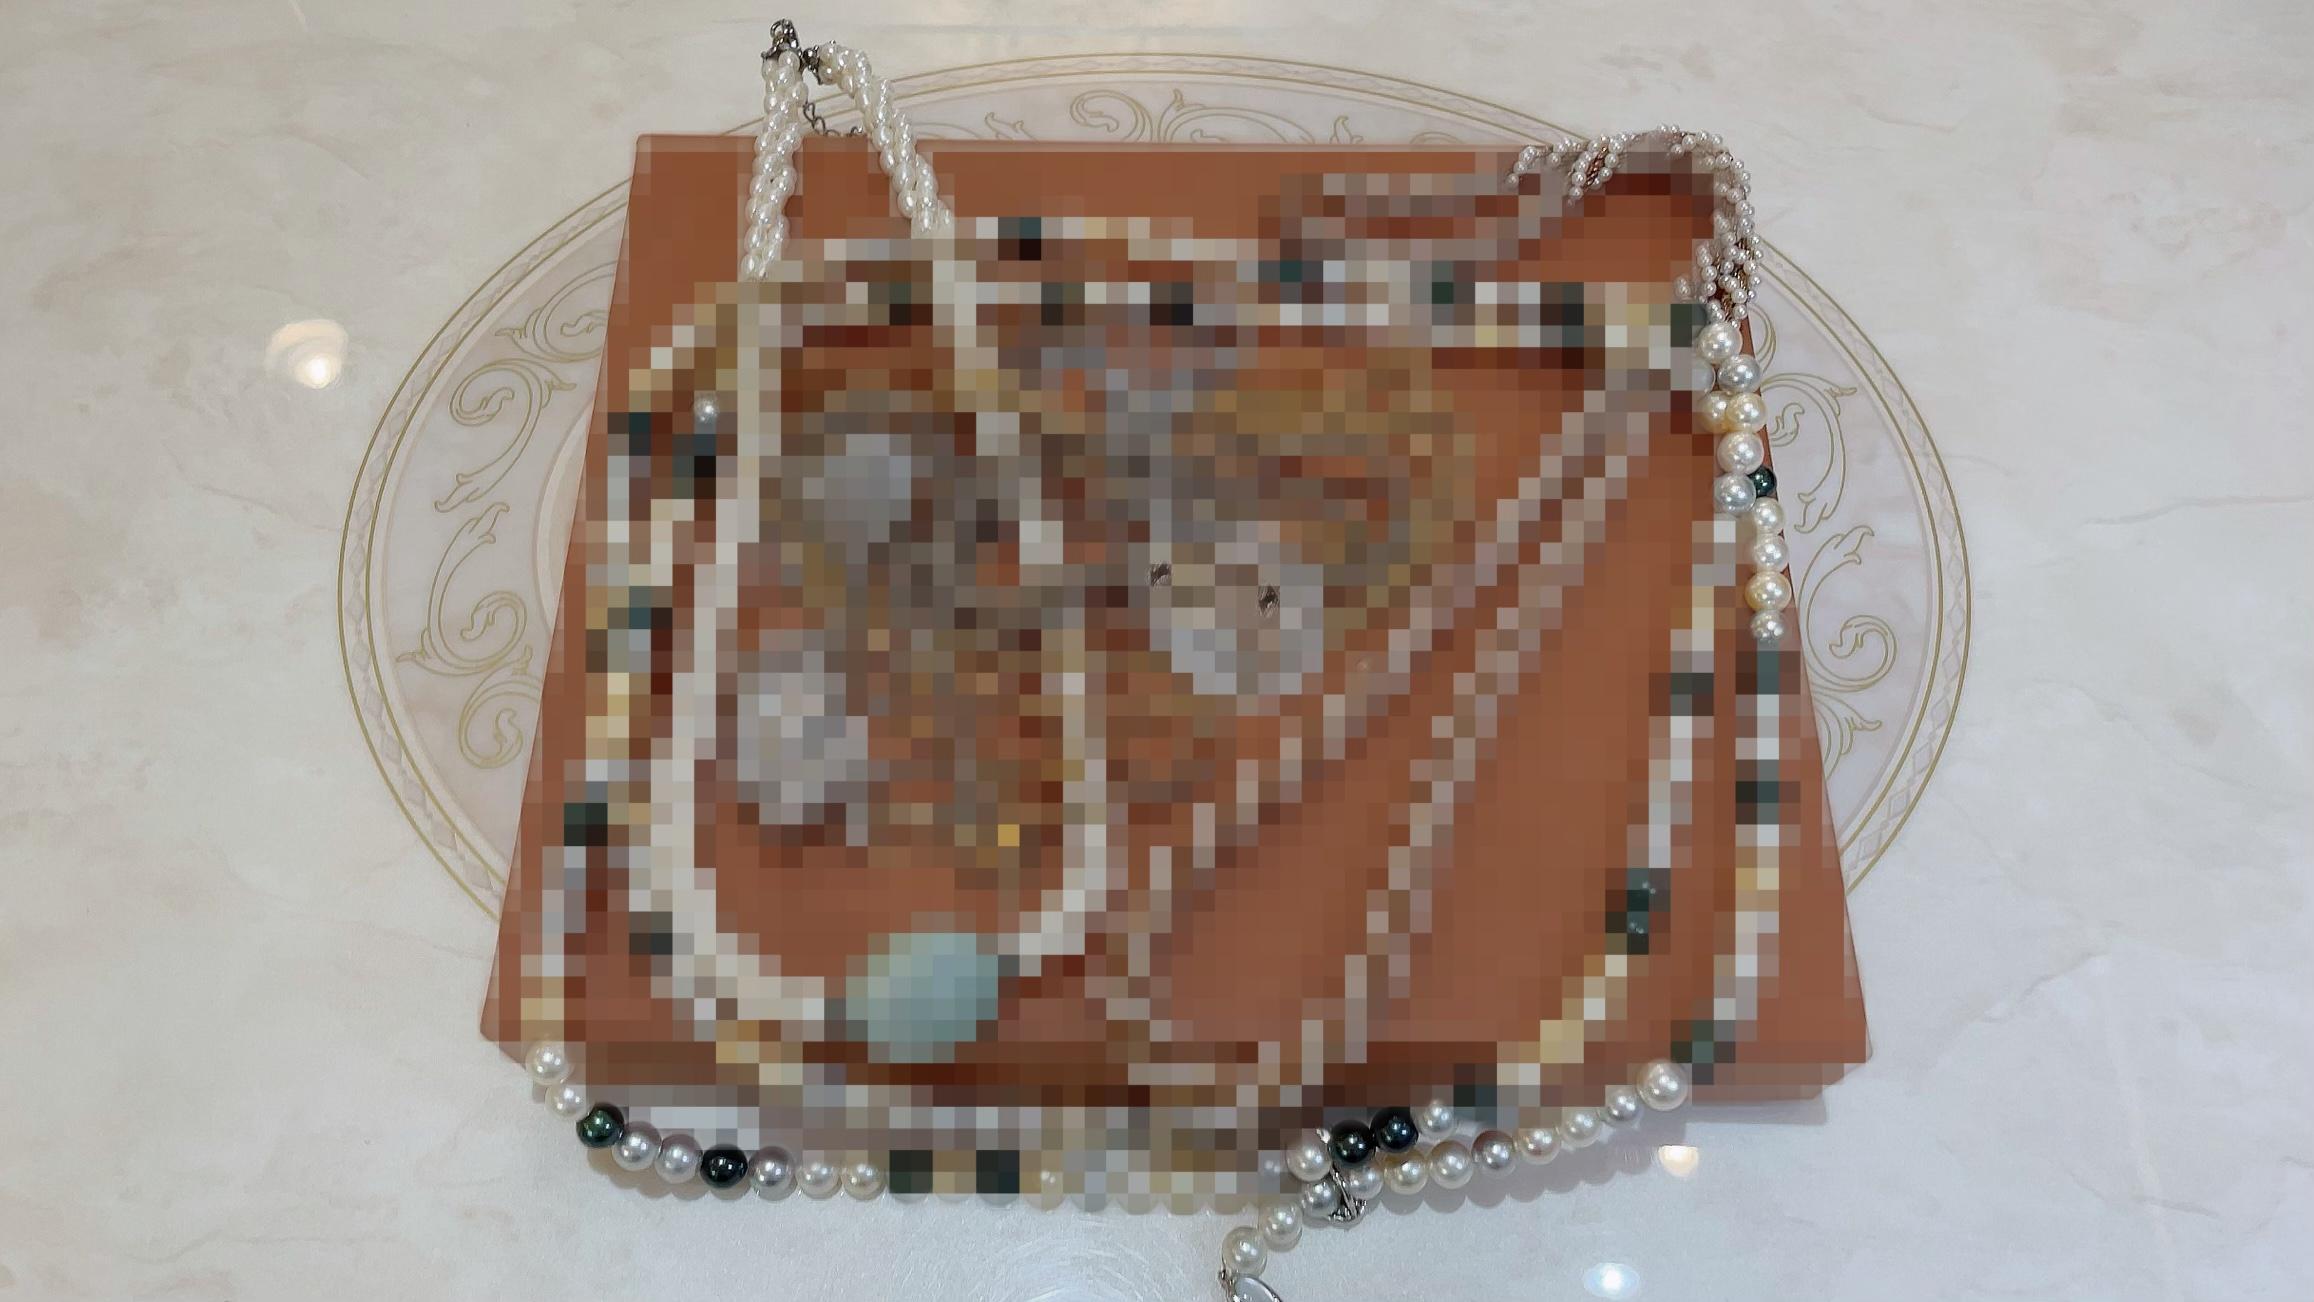 【買取速報】ダイヤモンド、パール、ルビー、チョーカー、ネックレス、ブレスレット、ペンダント、-2021-05-29